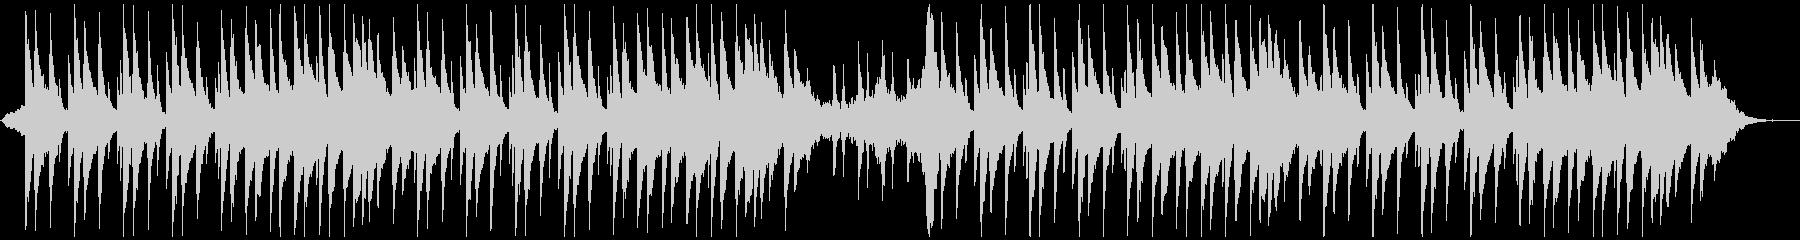 ピアノと鳥の声、Lo-Fi、チルの未再生の波形